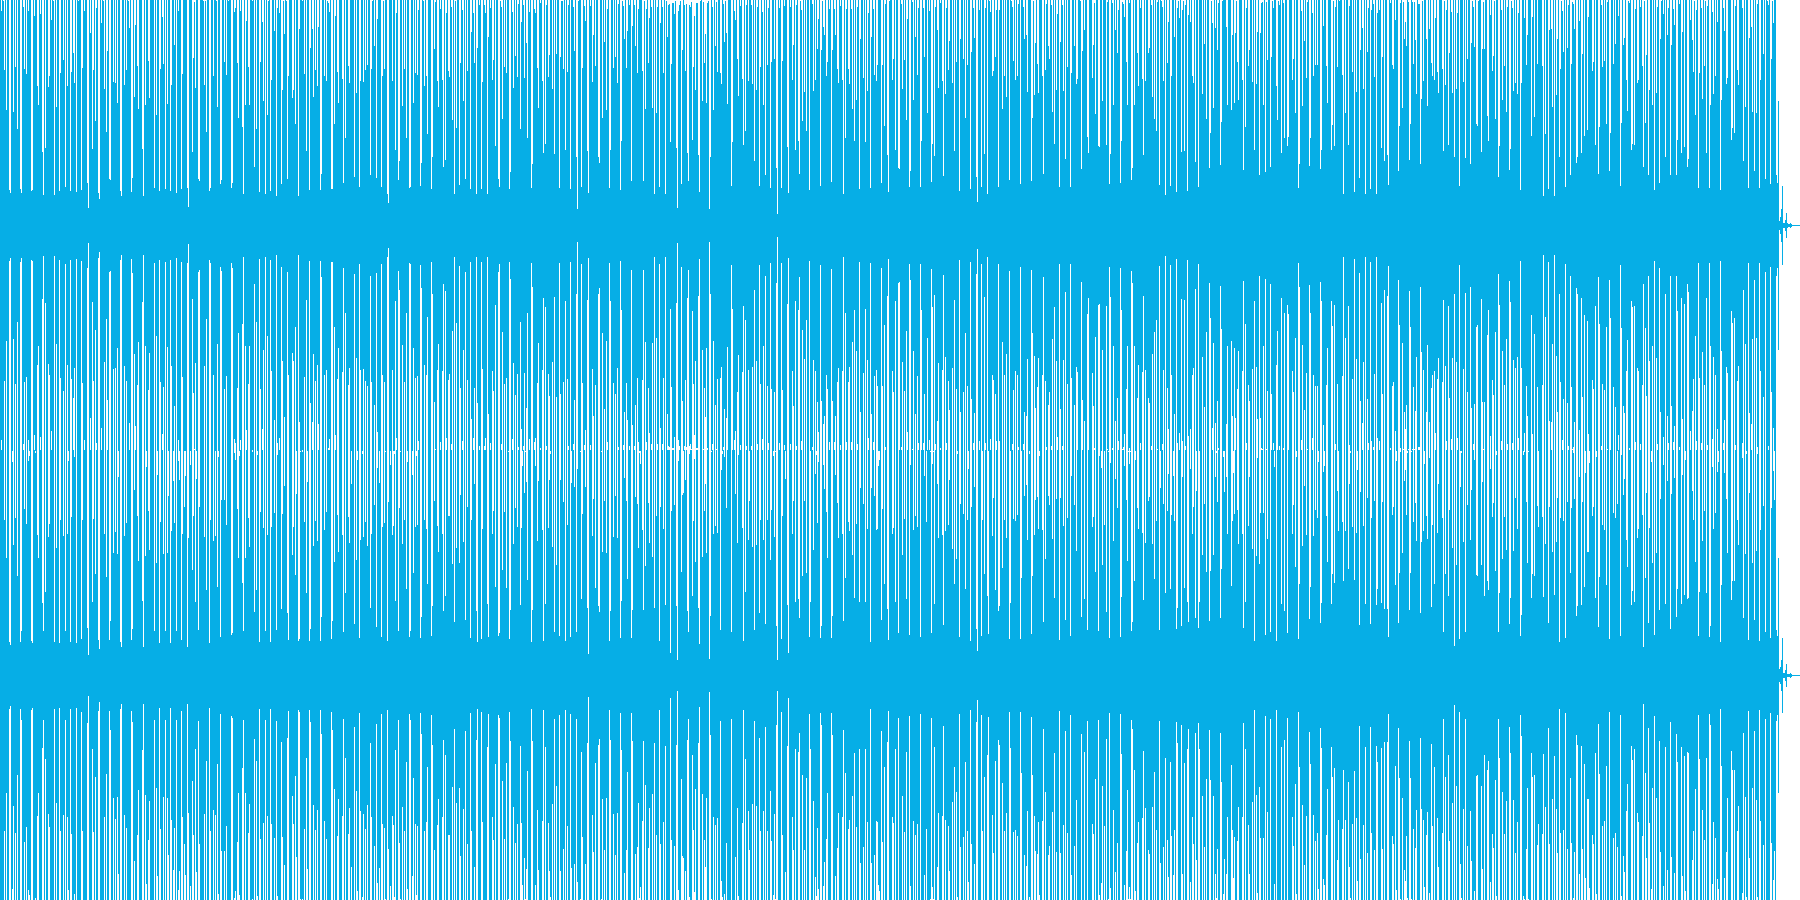 不思議な世界に眠るminimalTechの再生済みの波形